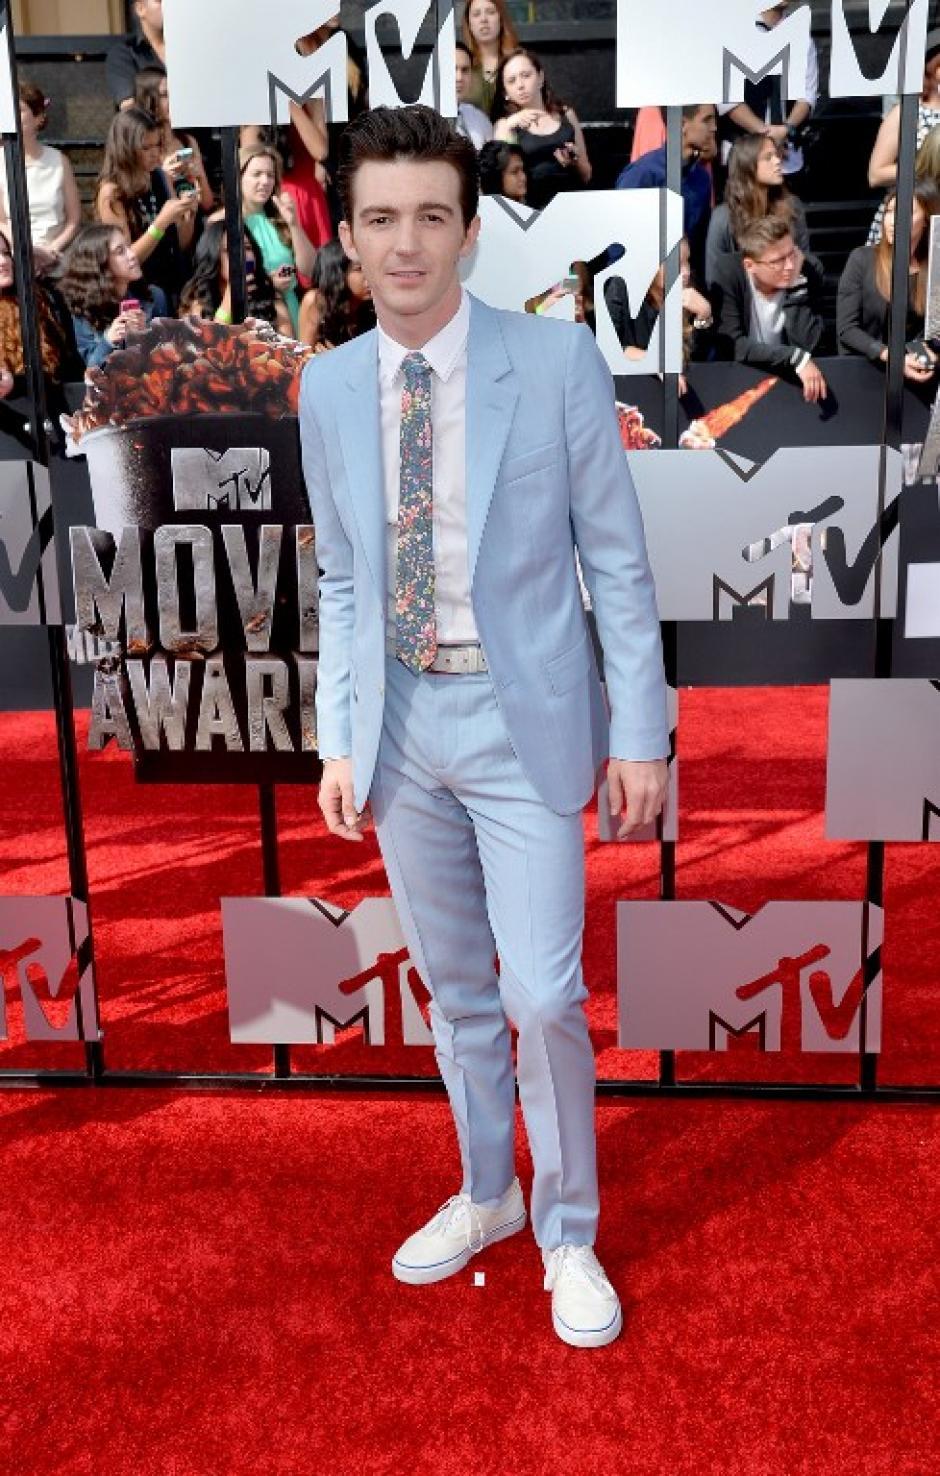 Actor Drake Bell llega a la alfombra roja en los premios MTV. (Foto: AFP)